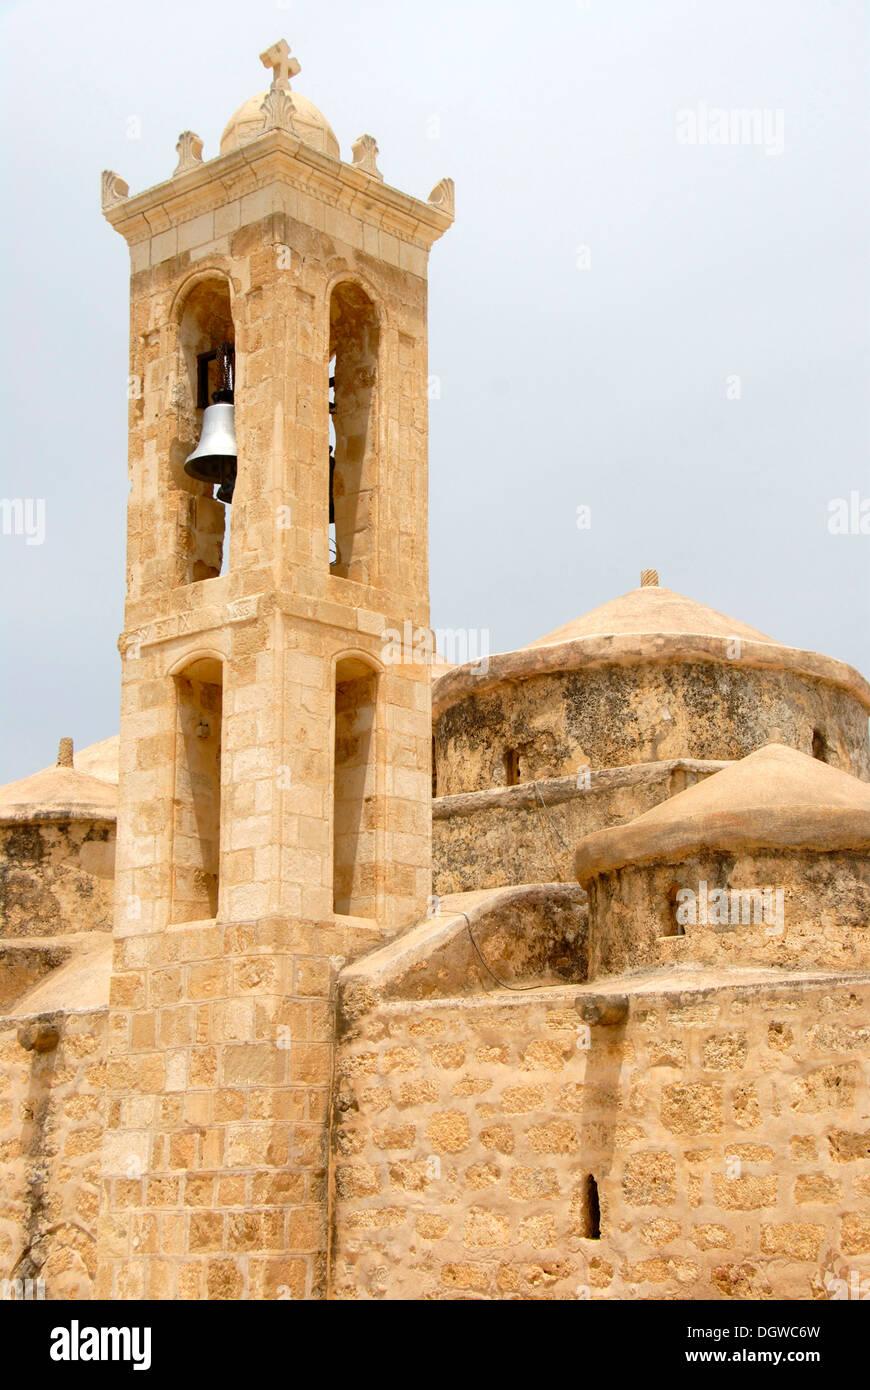 Greco il cristianesimo ortodosso, la chiesa ed il campanile, Agia Paraskevi, Geroskipou vicino a Paphos, Pafos, Cipro del Sud Immagini Stock